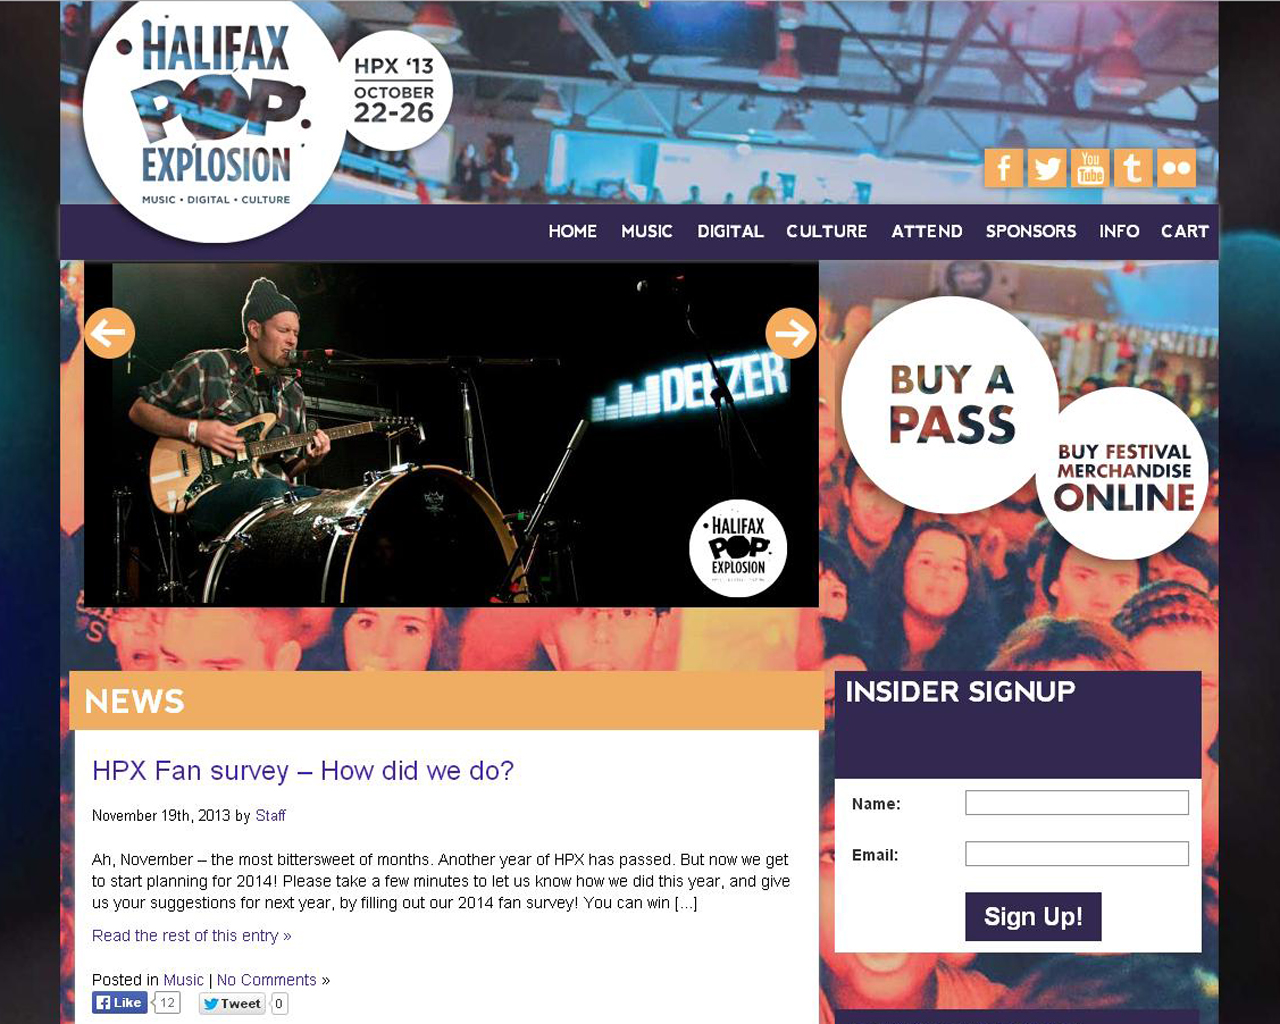 Halifax Pop Explosion Website